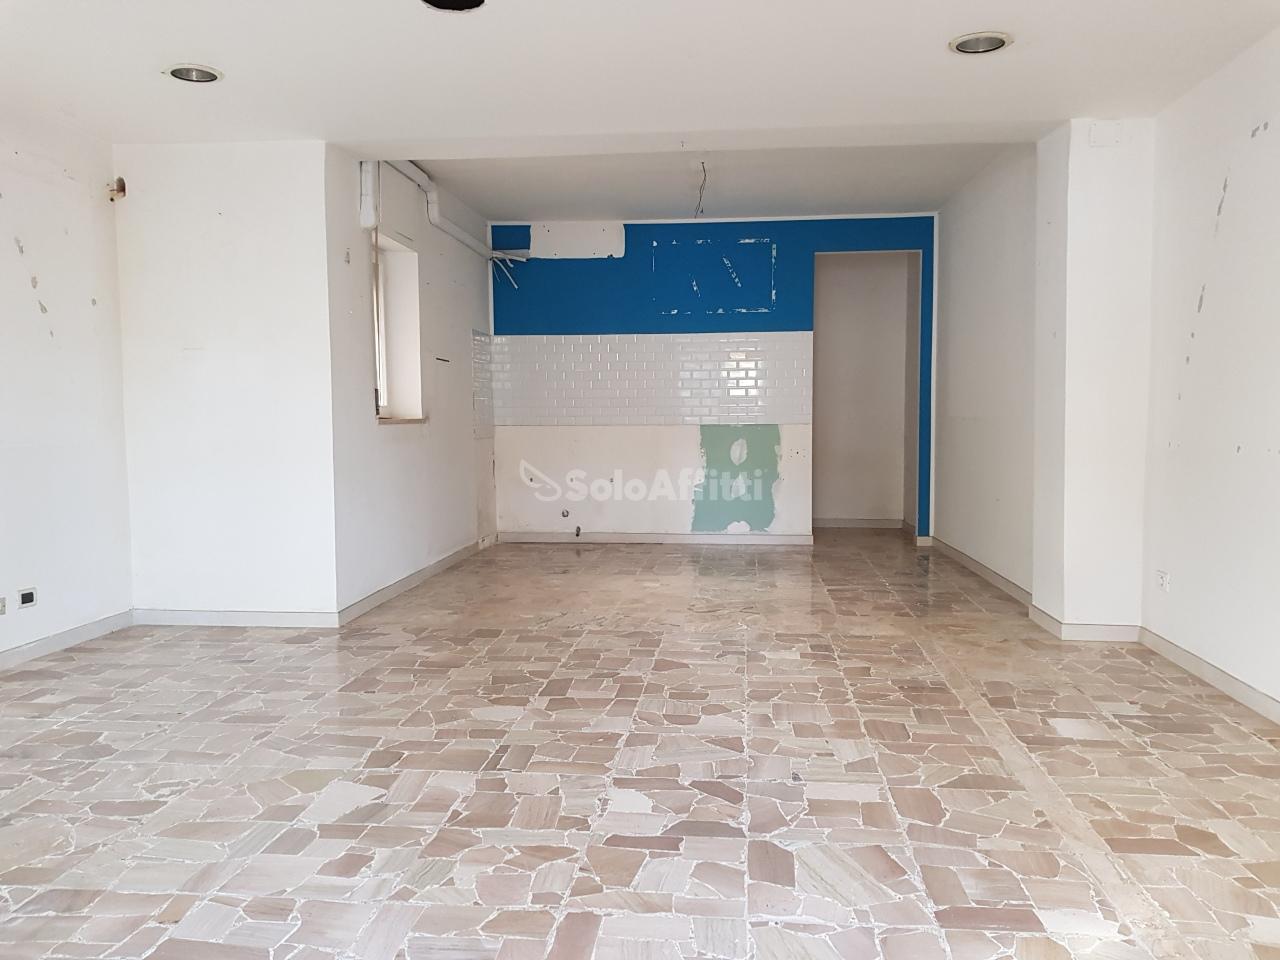 Fondo/negozio - 1 vetrina/luce a Via Di Sotto, Pescara